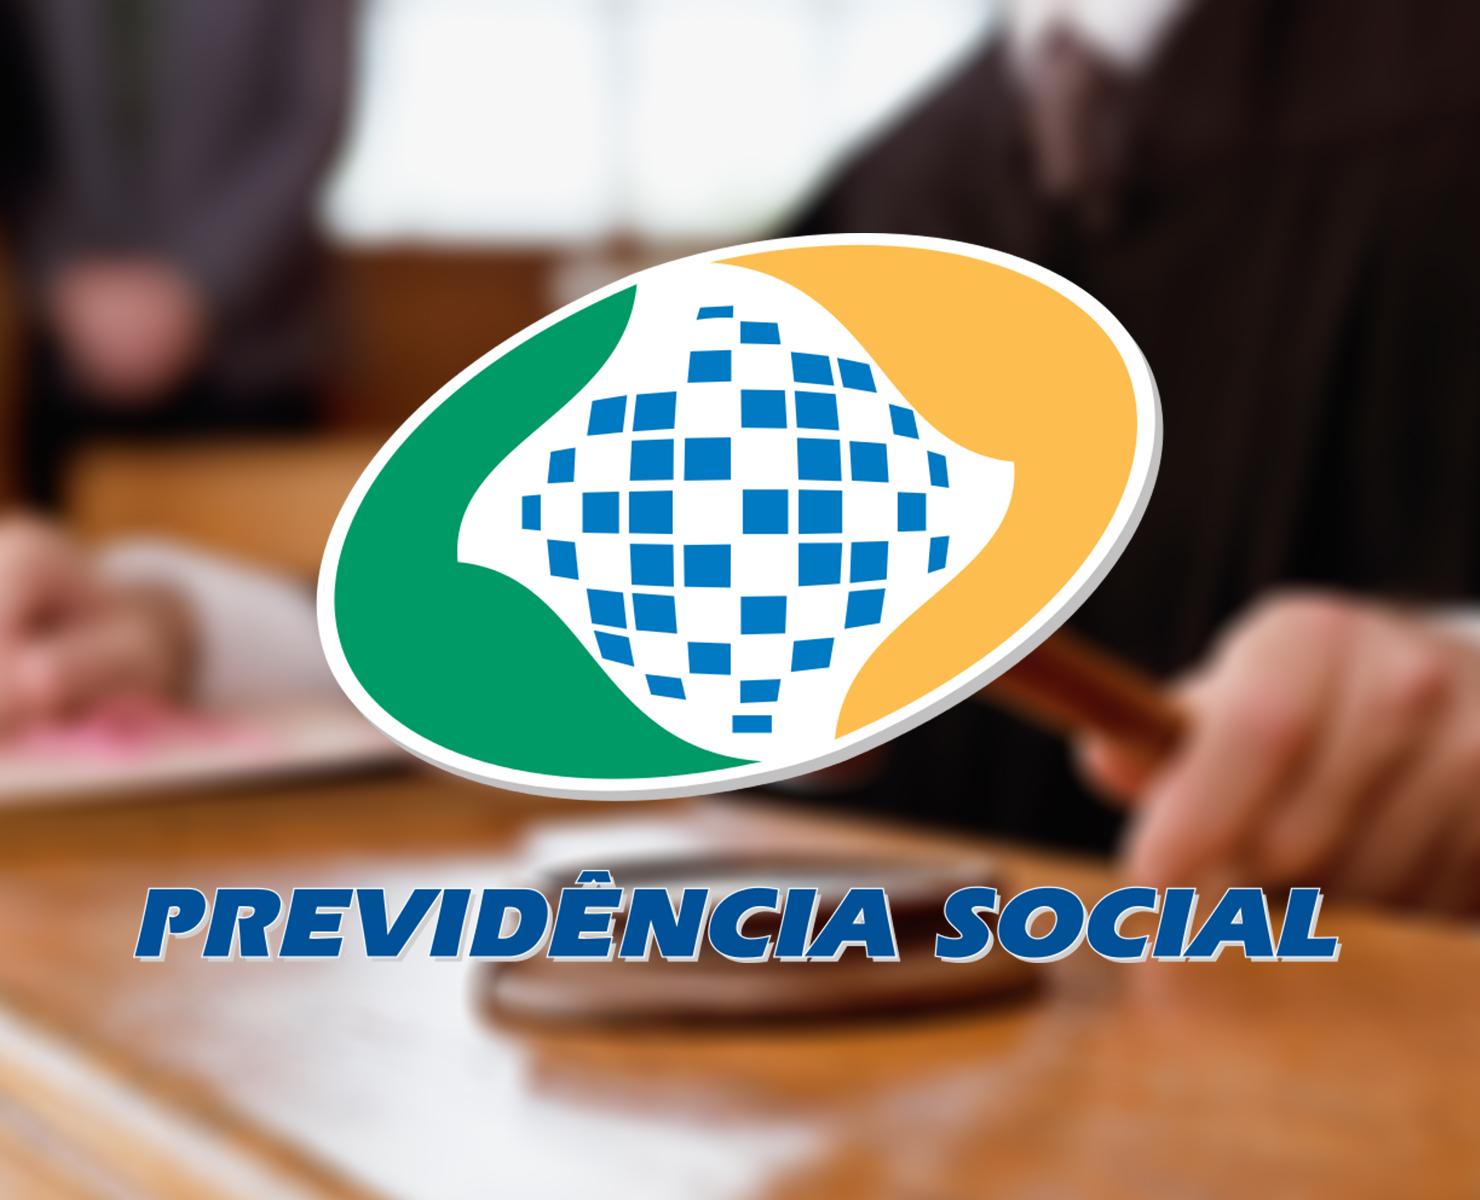 INSS: R$ 21 BILHÕES DE DÍVIDAS JUDICIAIS DEVEM SER PAGOS